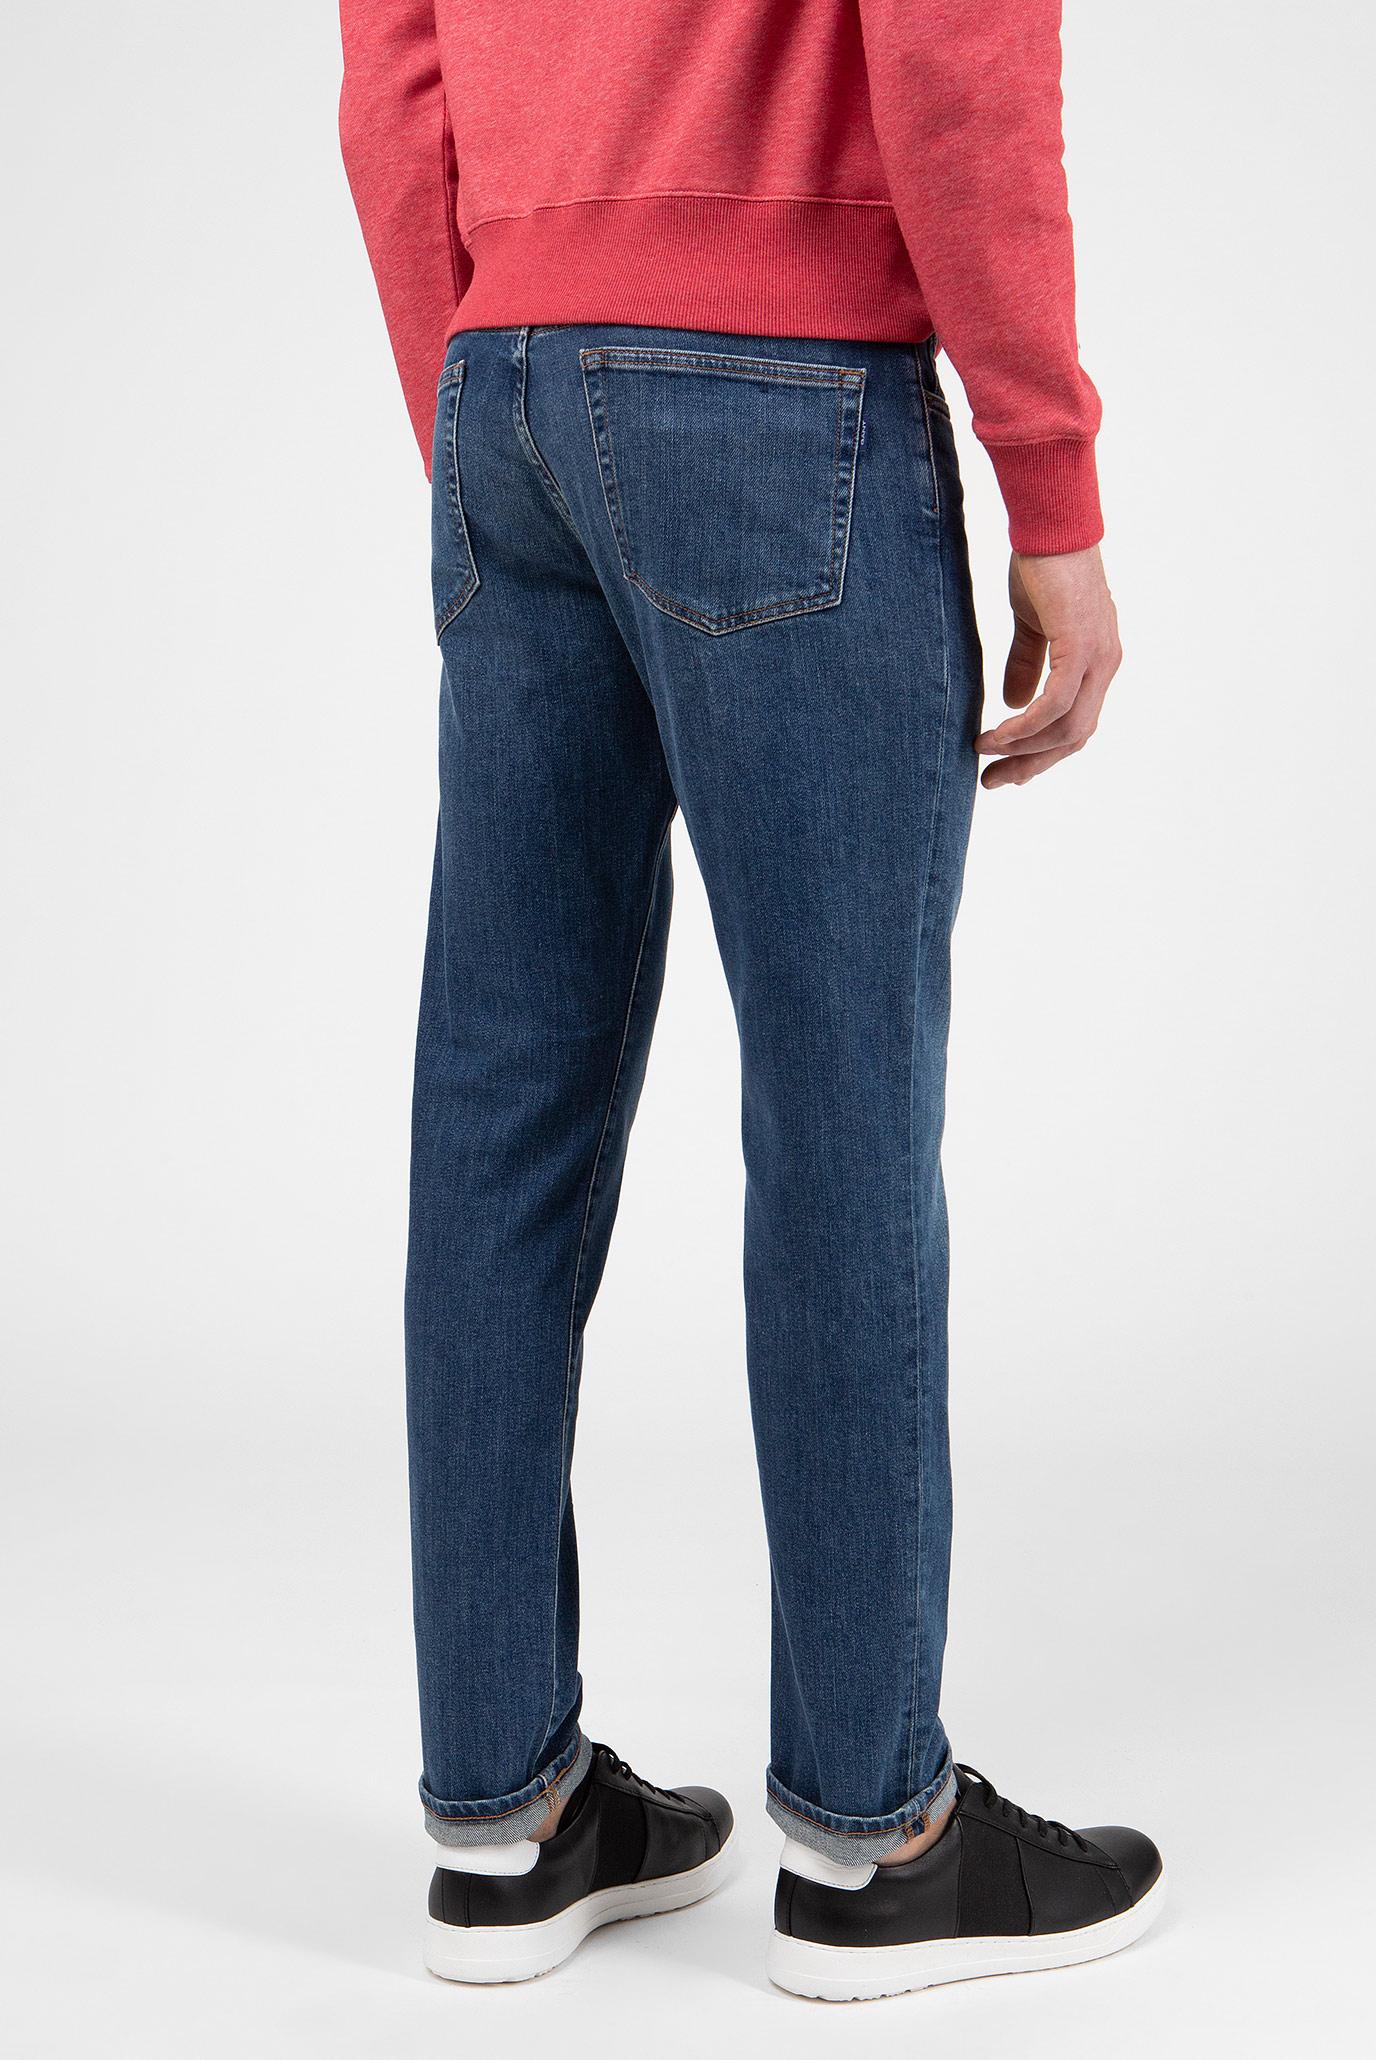 Купить Мужские синие джинсы 971 Gant Gant 1315008 – Киев, Украина. Цены в интернет магазине MD Fashion